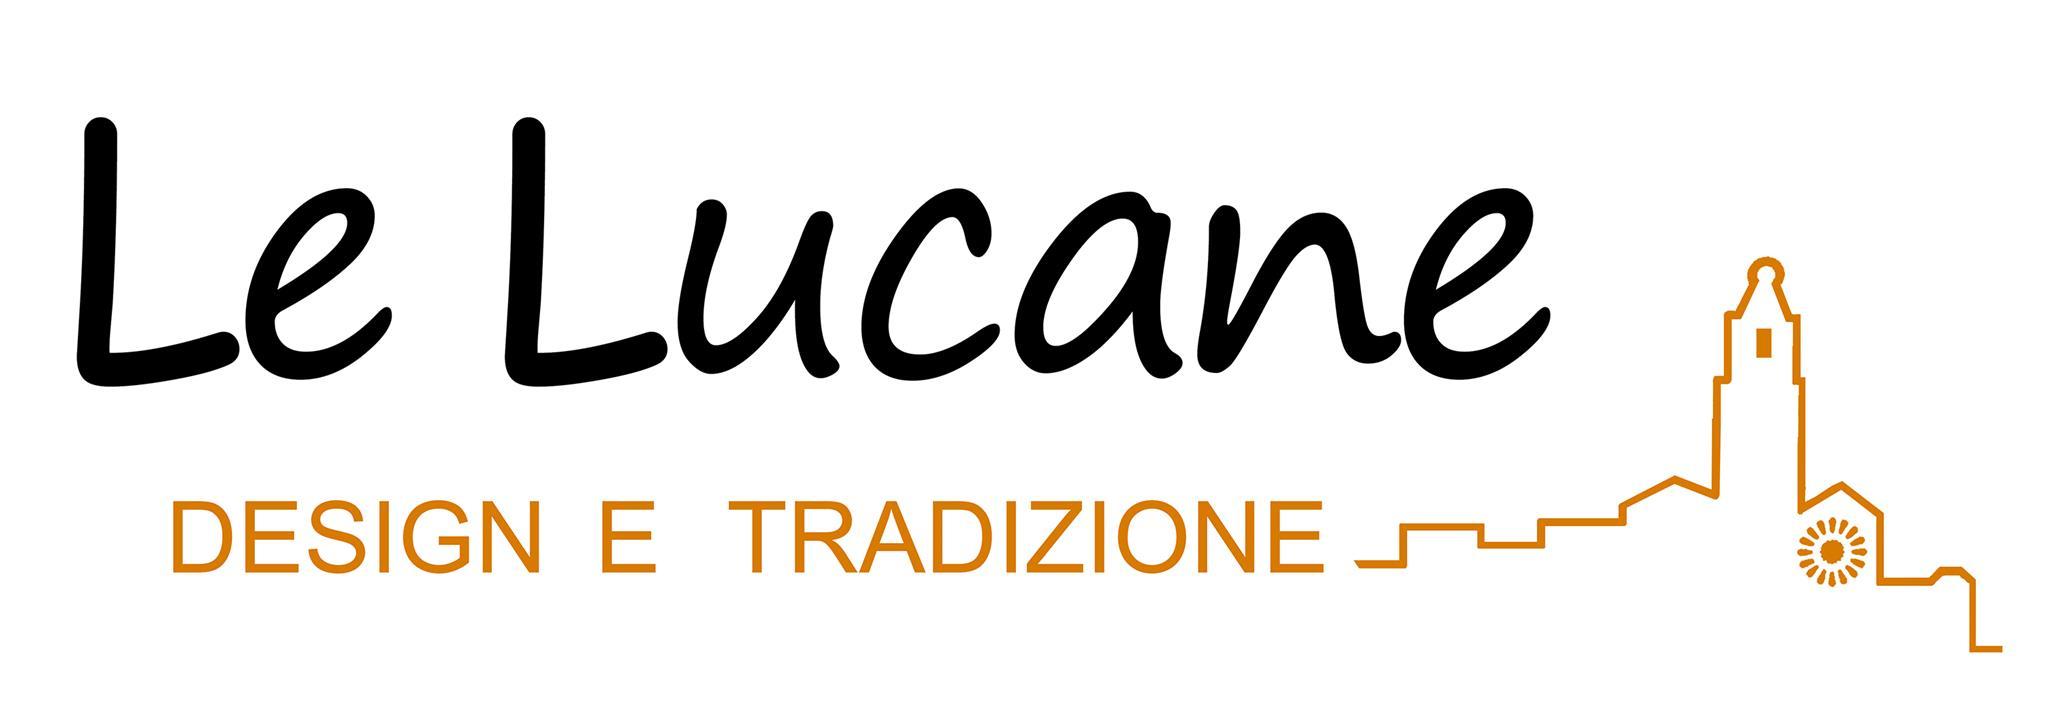 Le Lucane | vendita online: Prodotti Tipici Lucani – Artigianato Souvenir Matera – Articoli Regalo-shopping negozio online: Prodotti Tipici Basilicata – Artigianato Souvenir Matera – Articoli Regalo